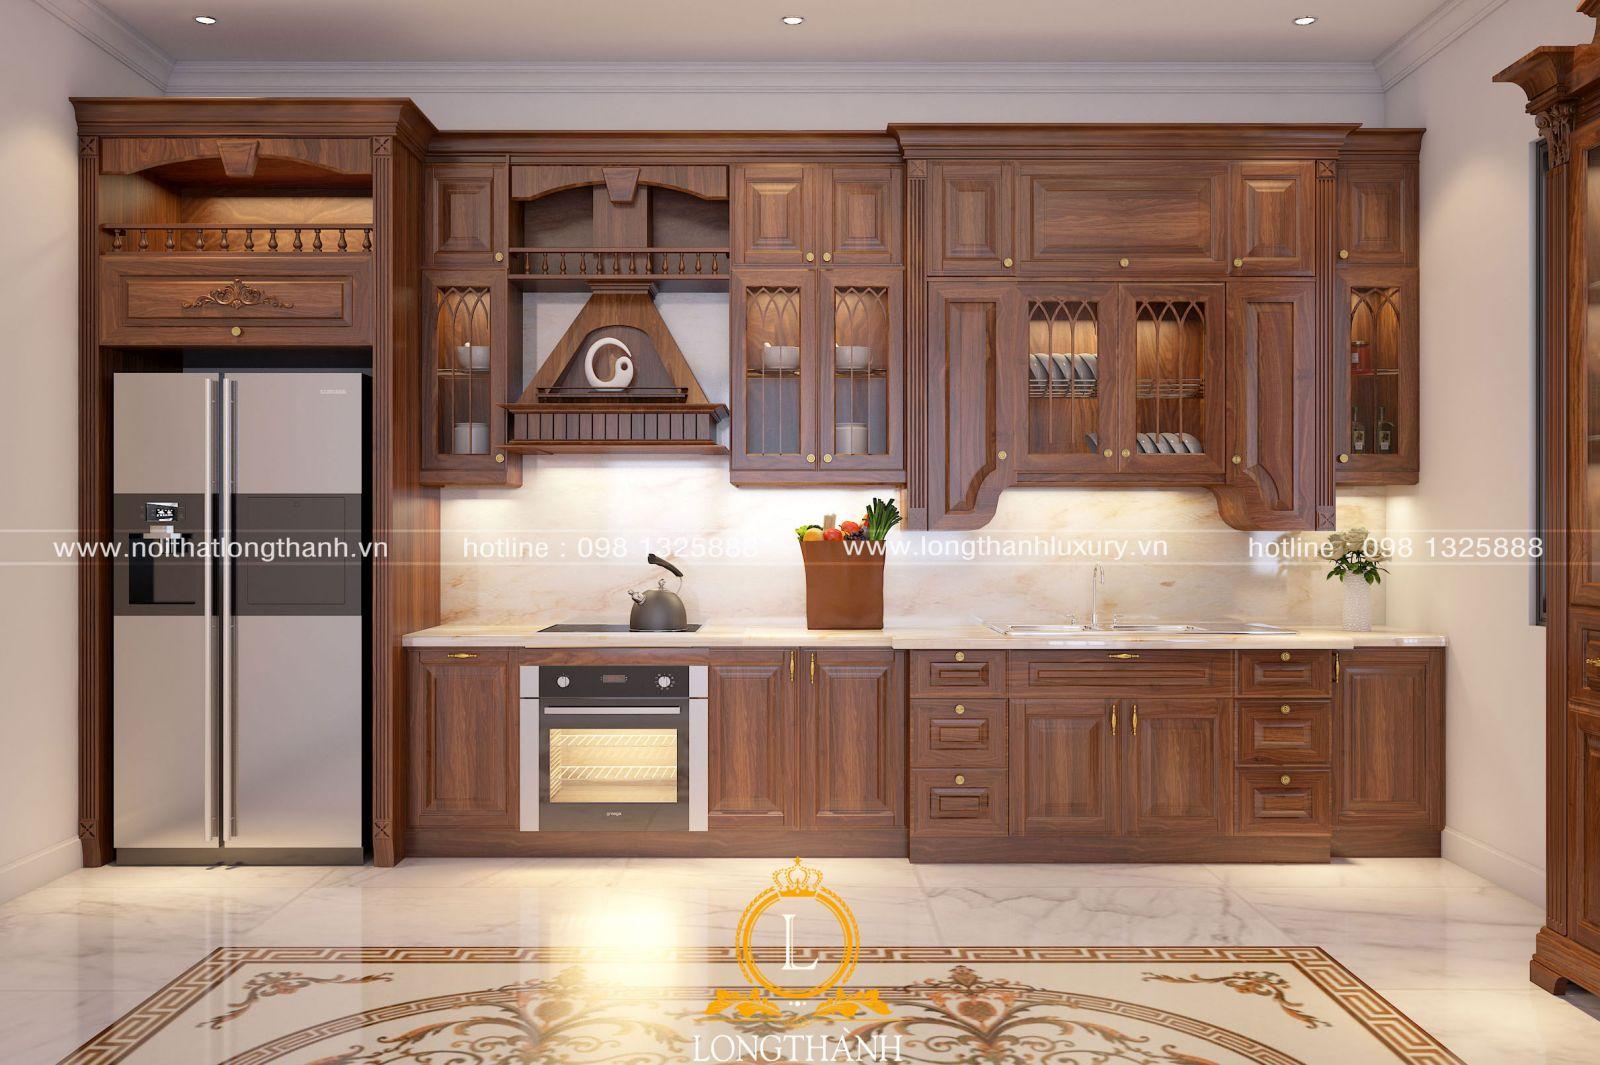 Tủ bếp tân cổ điển chữ i mang đến giải pháp hữu hiệu cho không gian